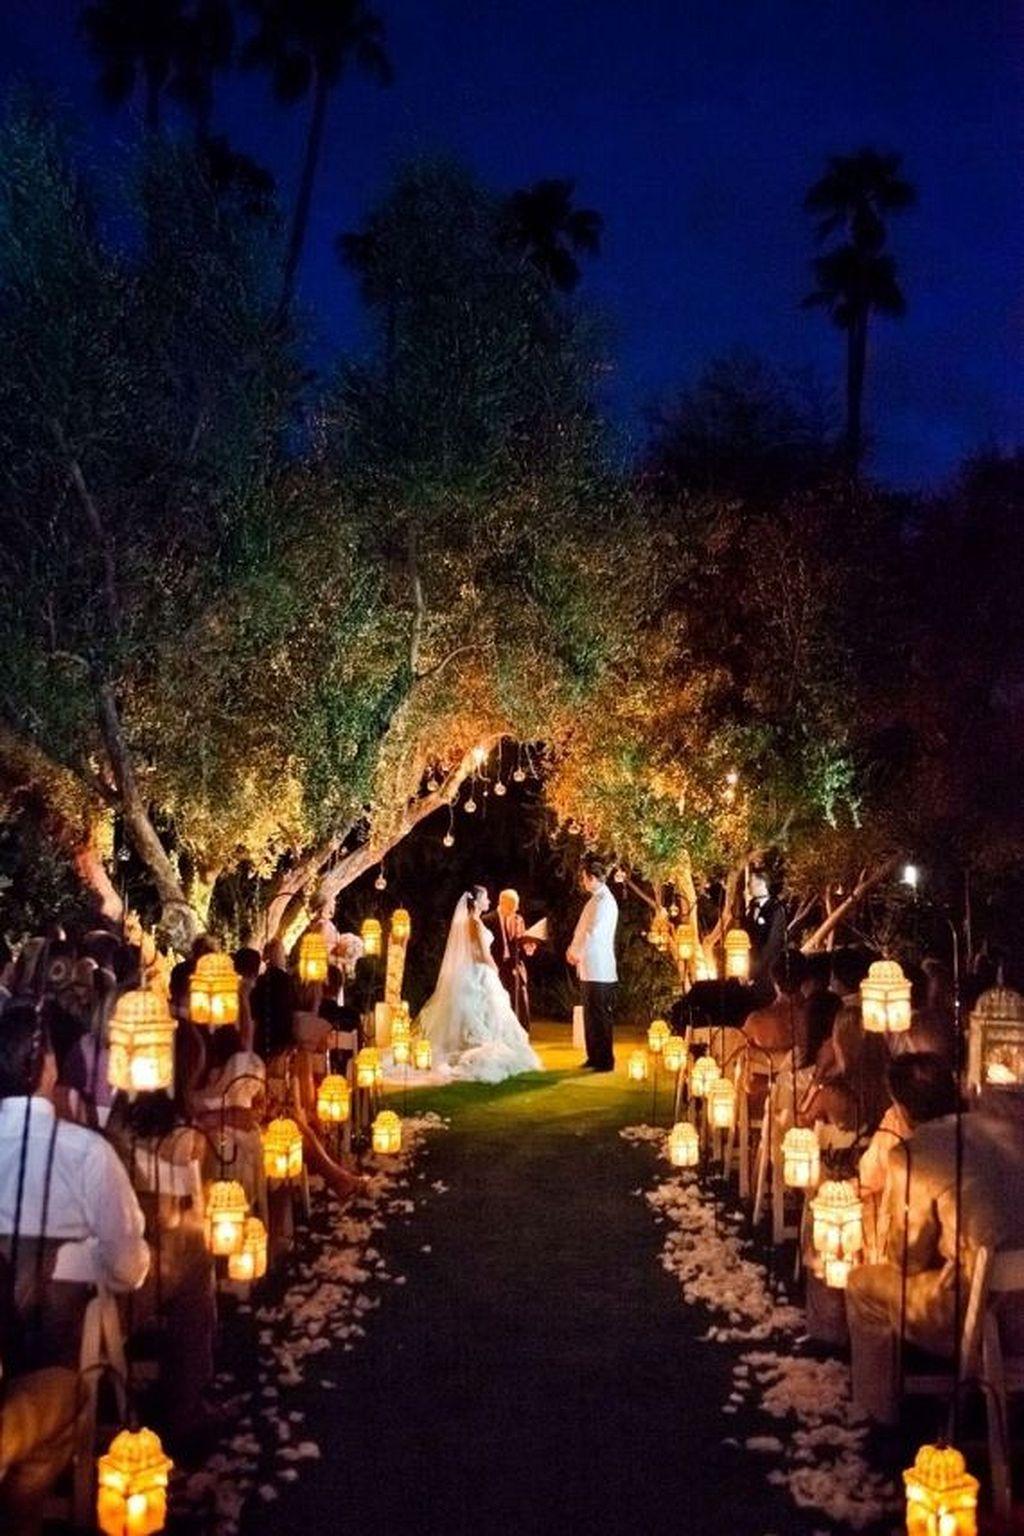 Decor ideas for wedding   Night Wedding Reception Decor Ideas  Reception Weddings and